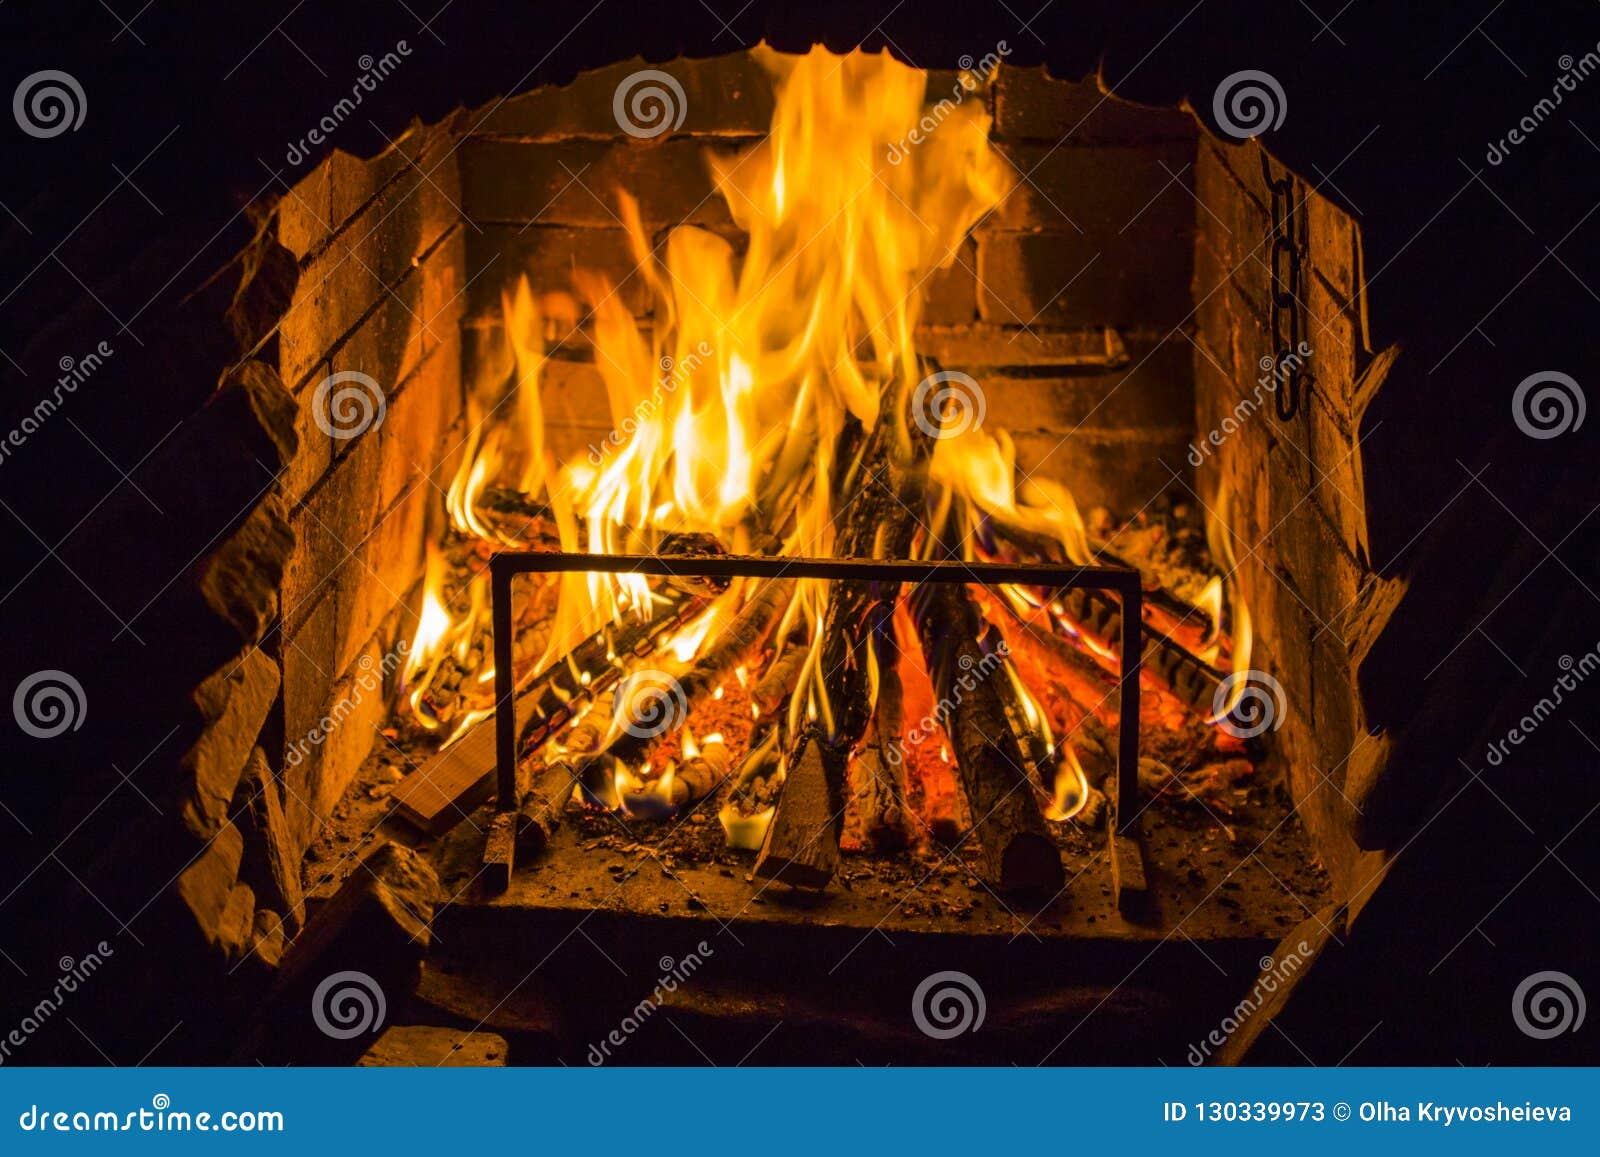 Brandhout in open brandplaats Rode vlammen in de open haard